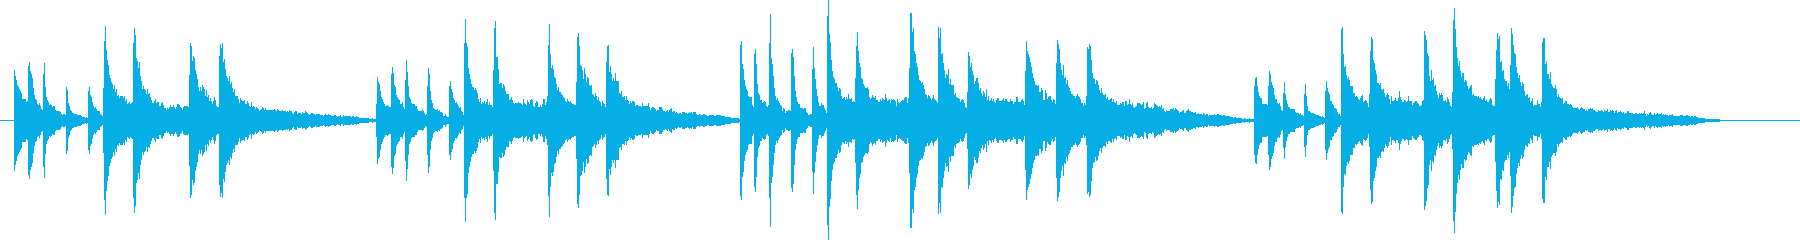 静かな曲の再生済みの波形